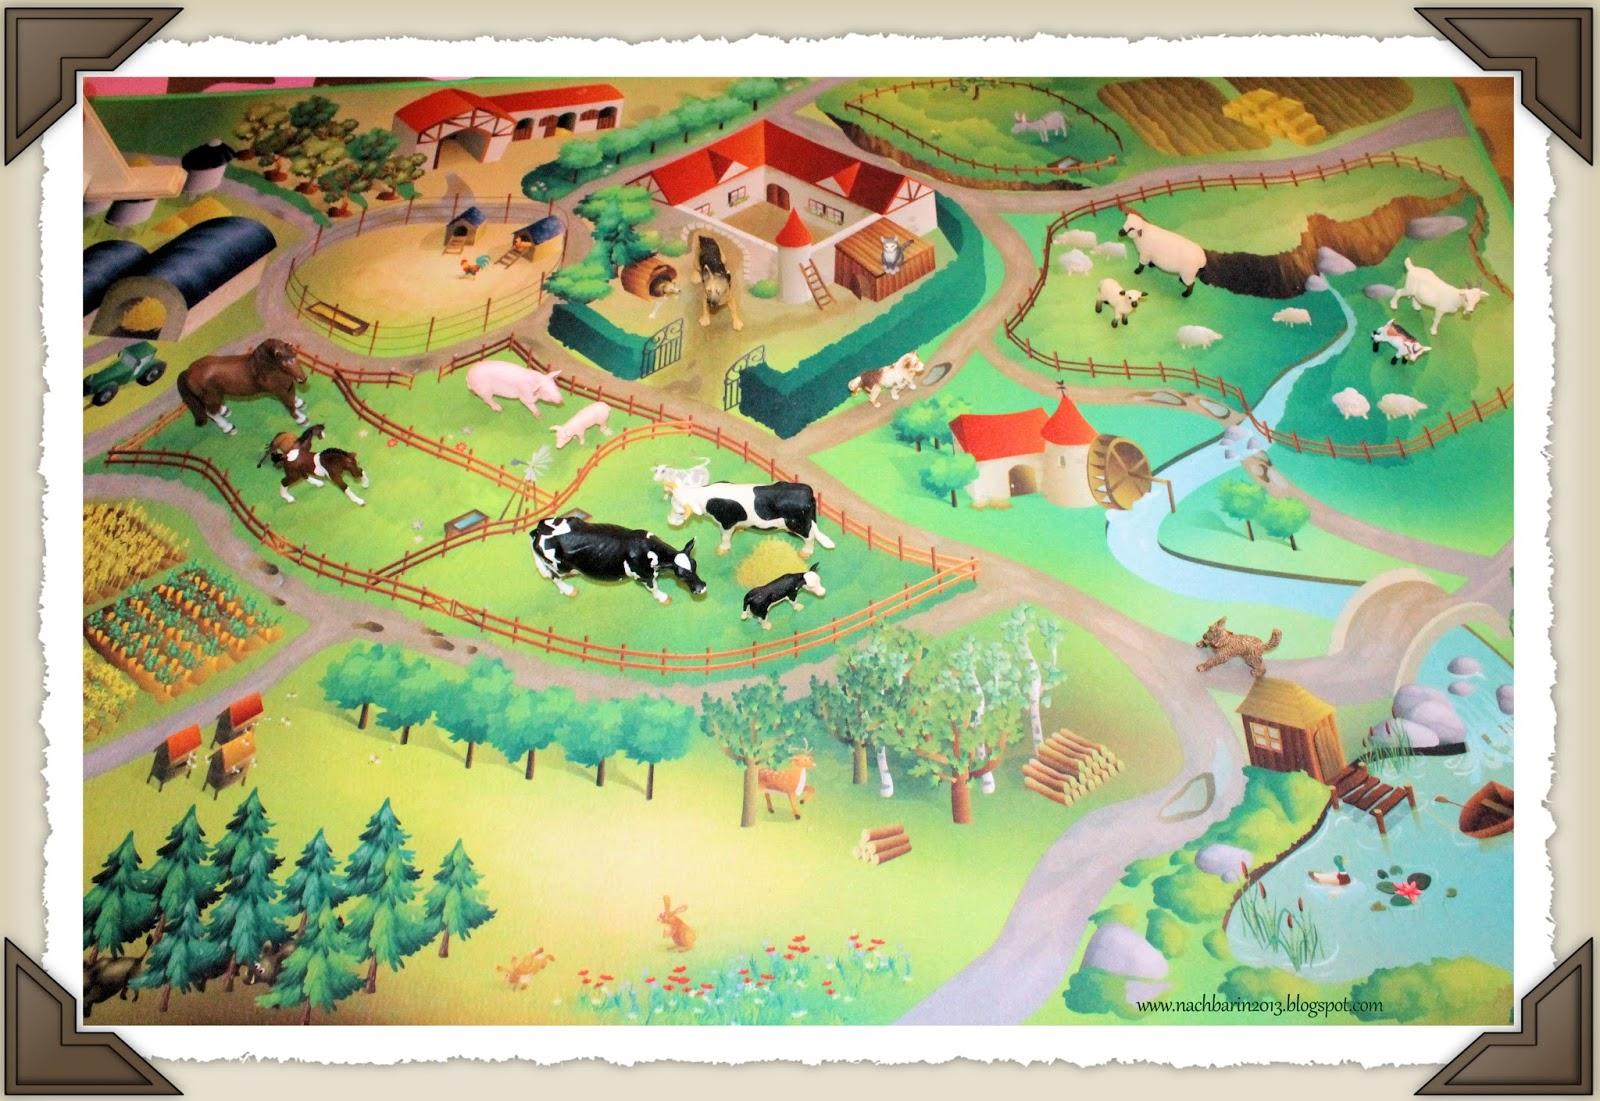 Die lästige Nachbarin Rund um den Bauernhof [1824 Monate]